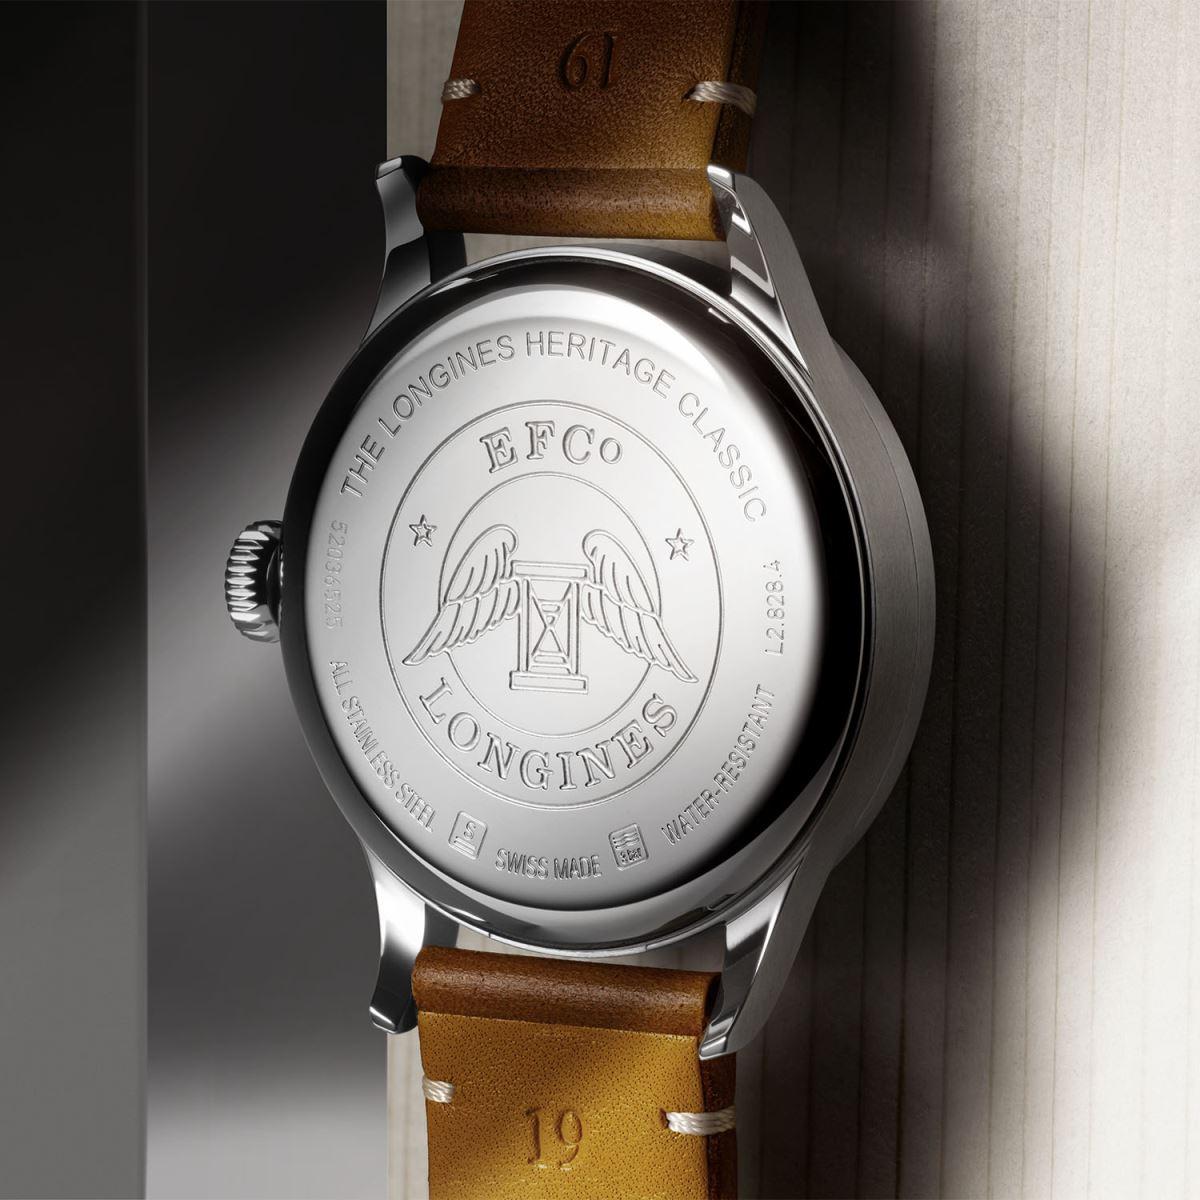 đồng hồ Longines Heritage Classic với mặt số màu đen và dây đeo BoR